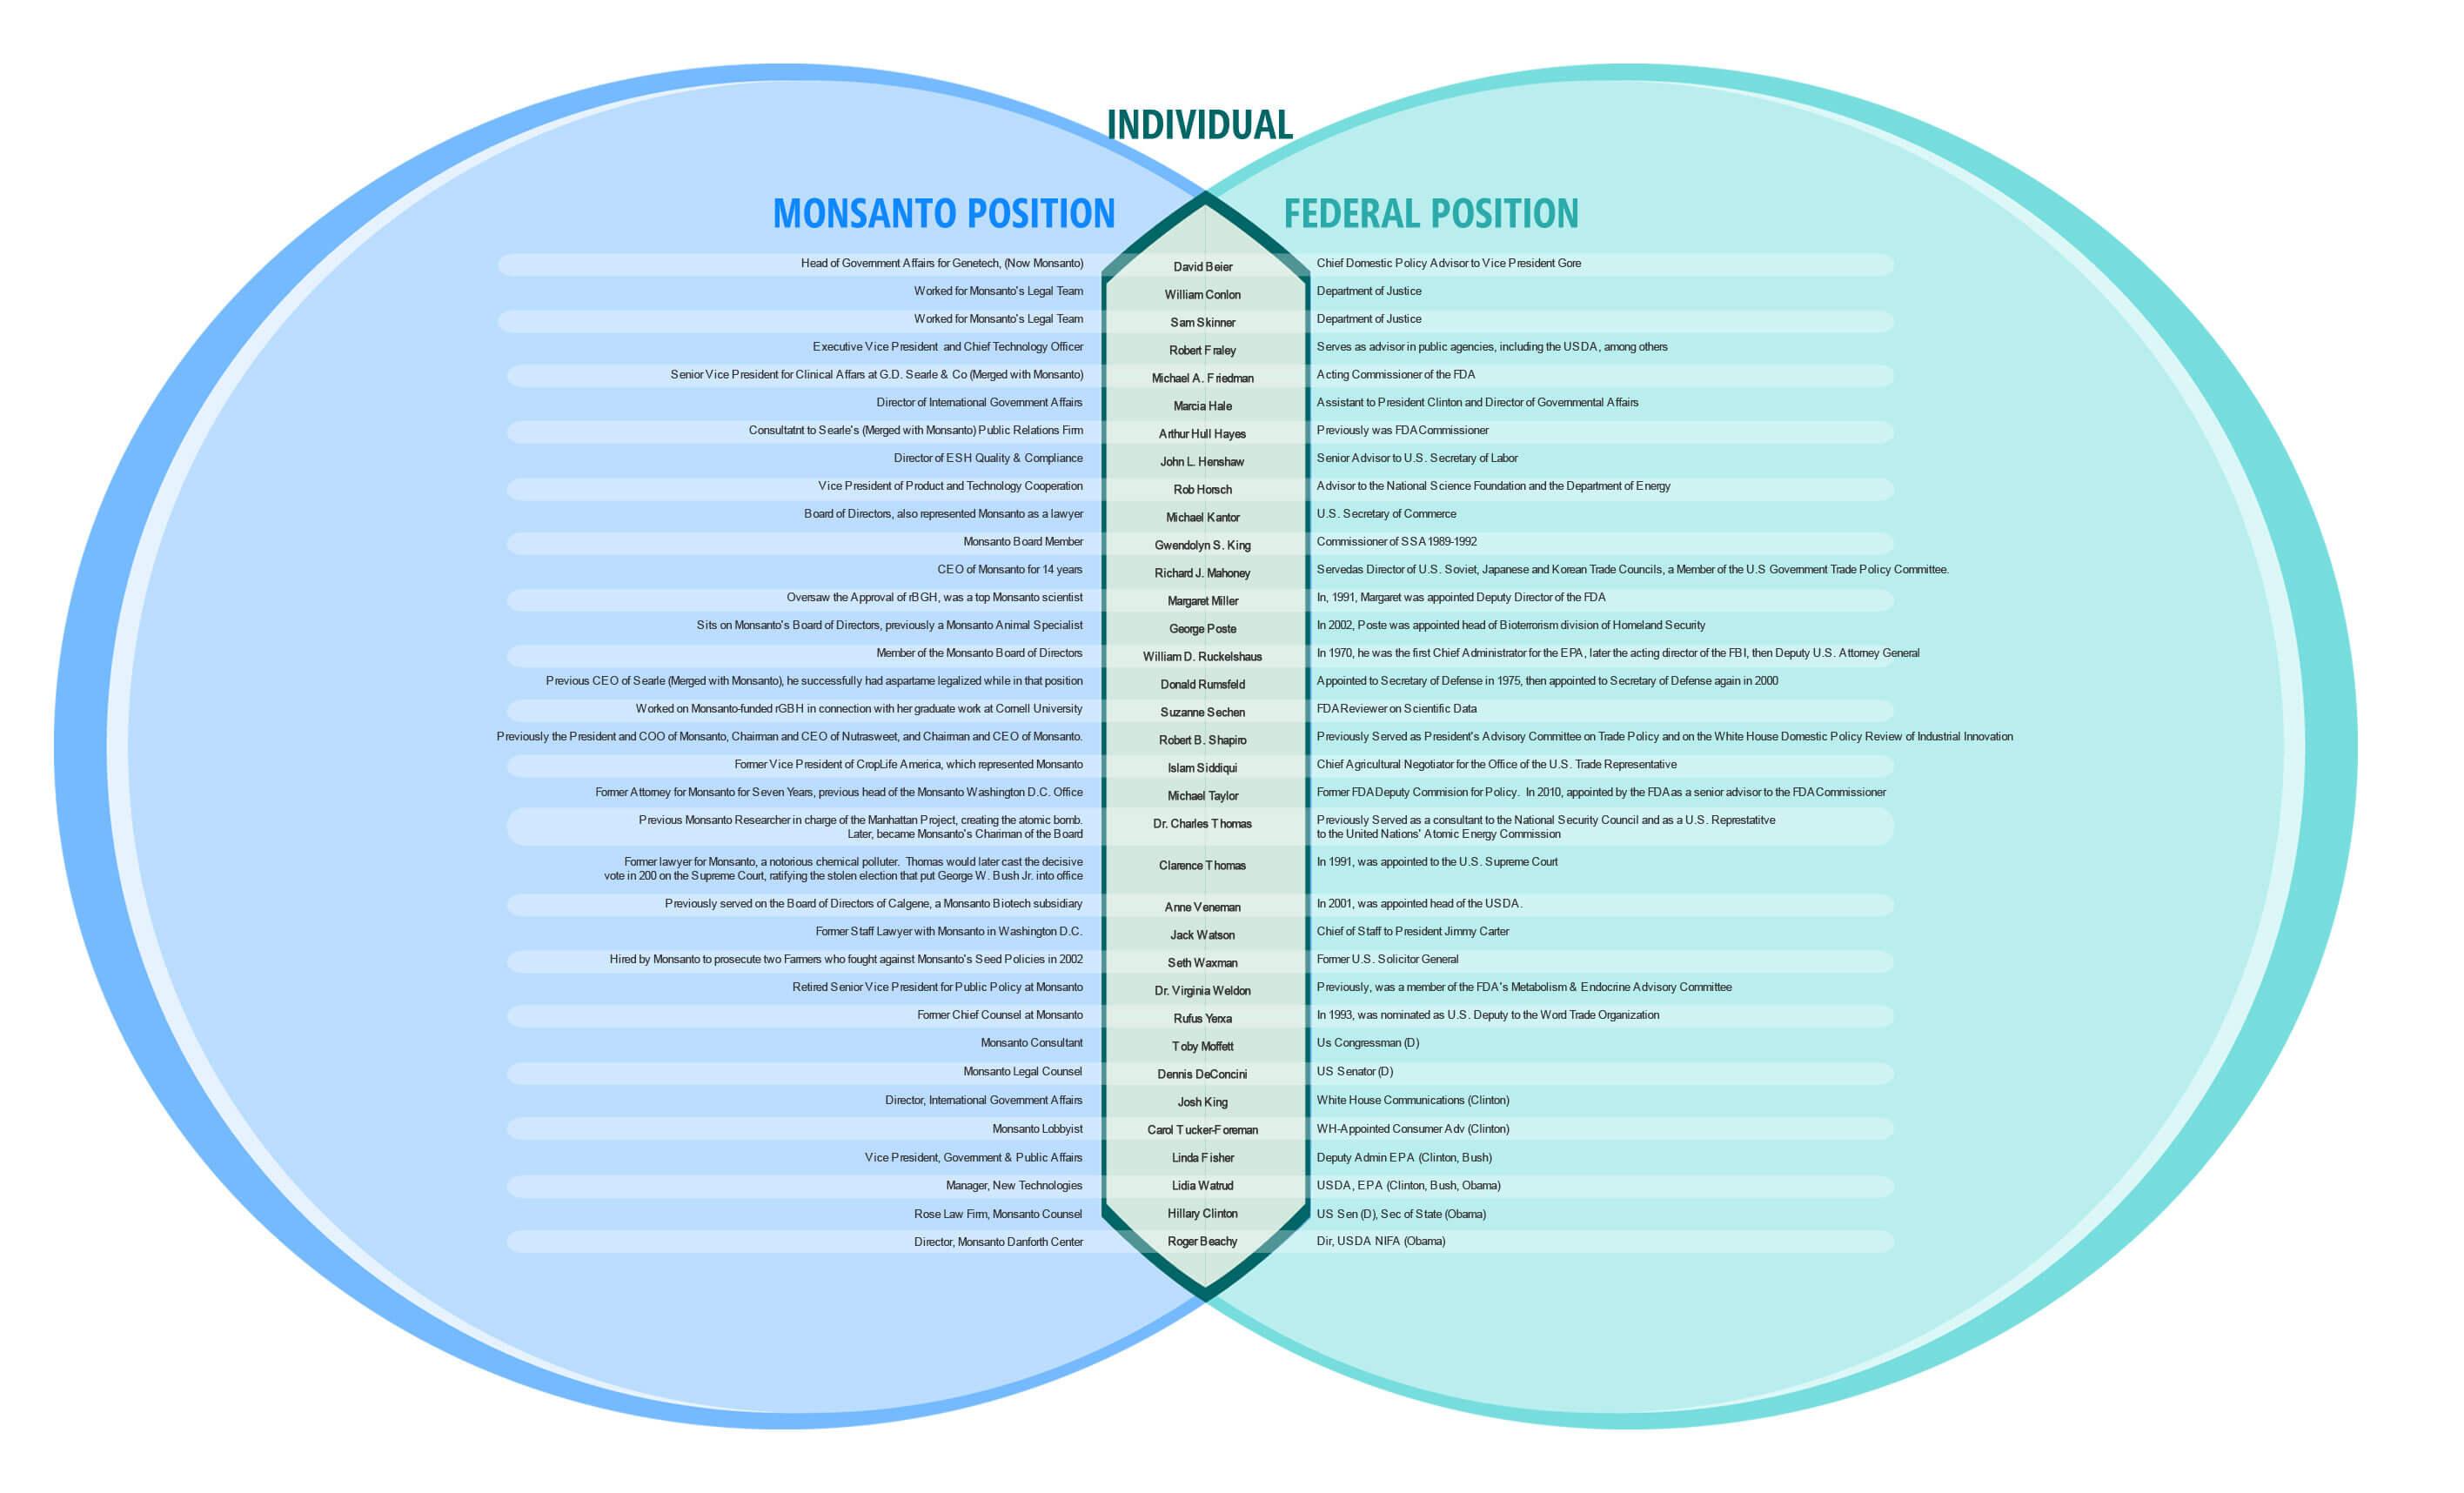 revolving-door-individuals-serving-agencies-big